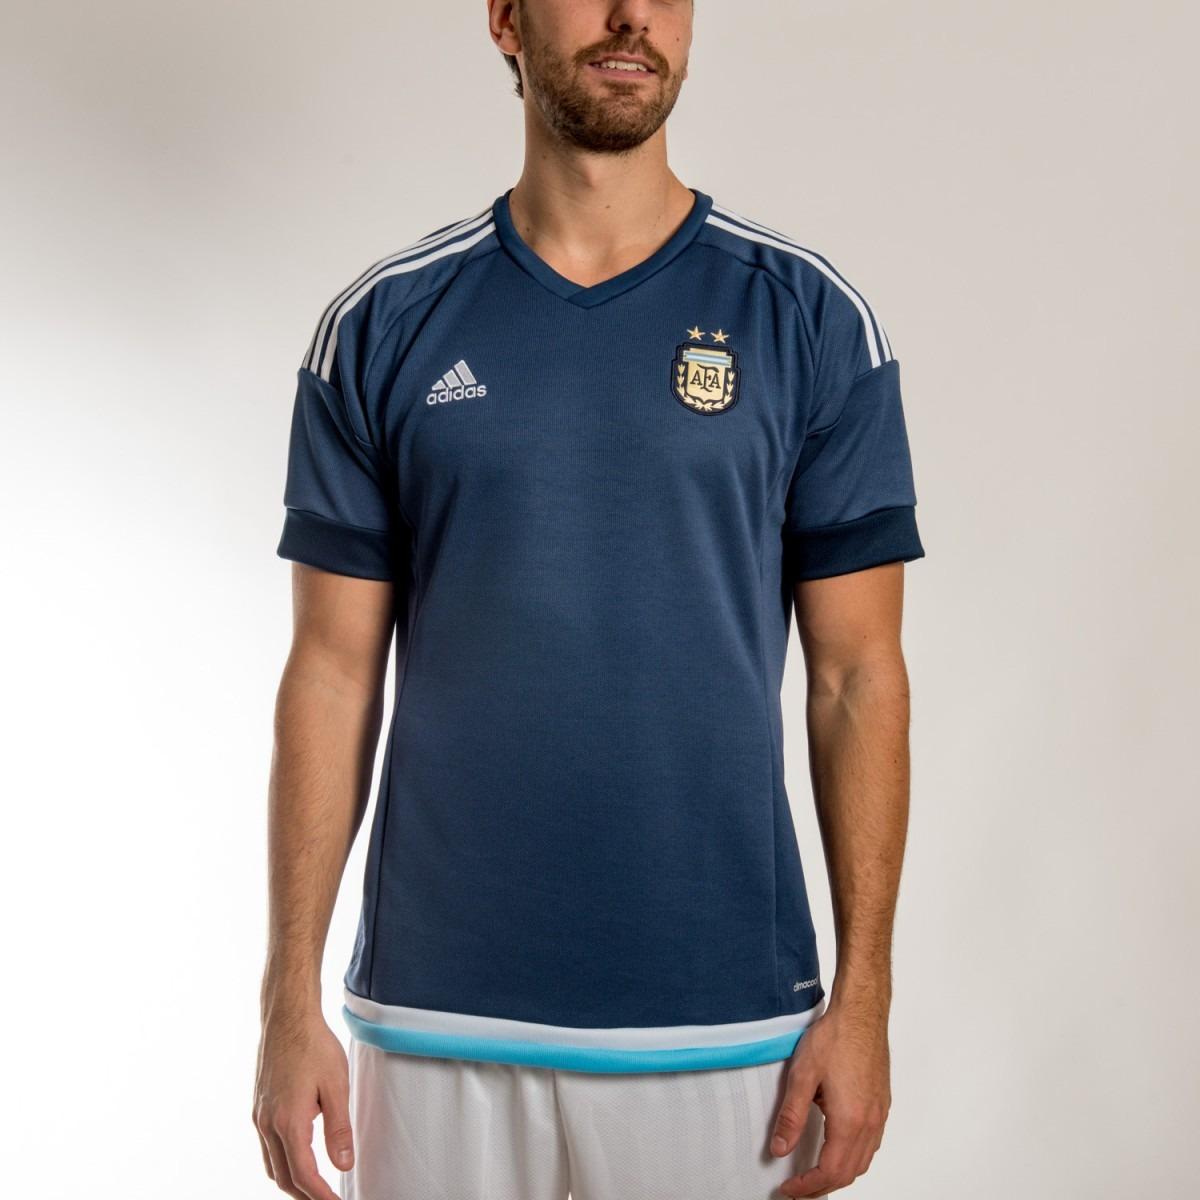 camisetas x10 unidades argentina boca independiente y pumas. Cargando zoom. dddda21068116